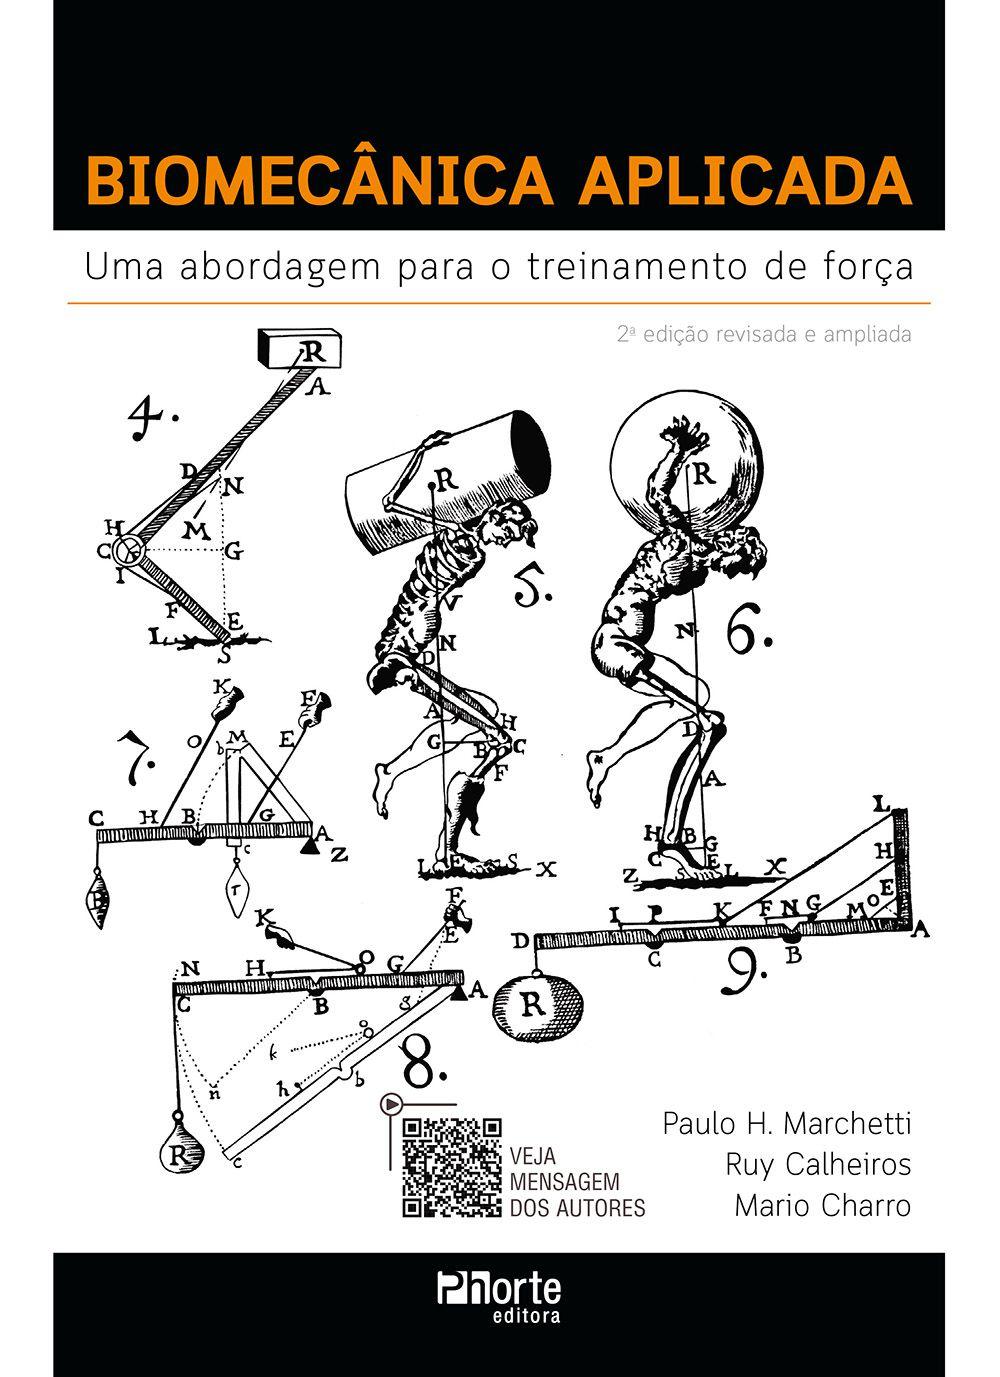 Biomecânica Aplicada: Uma Abordagem para o treinamento de força (Paulo Marchetti, Ruy Calheiros e Mario Charro)  - Phorte Editora